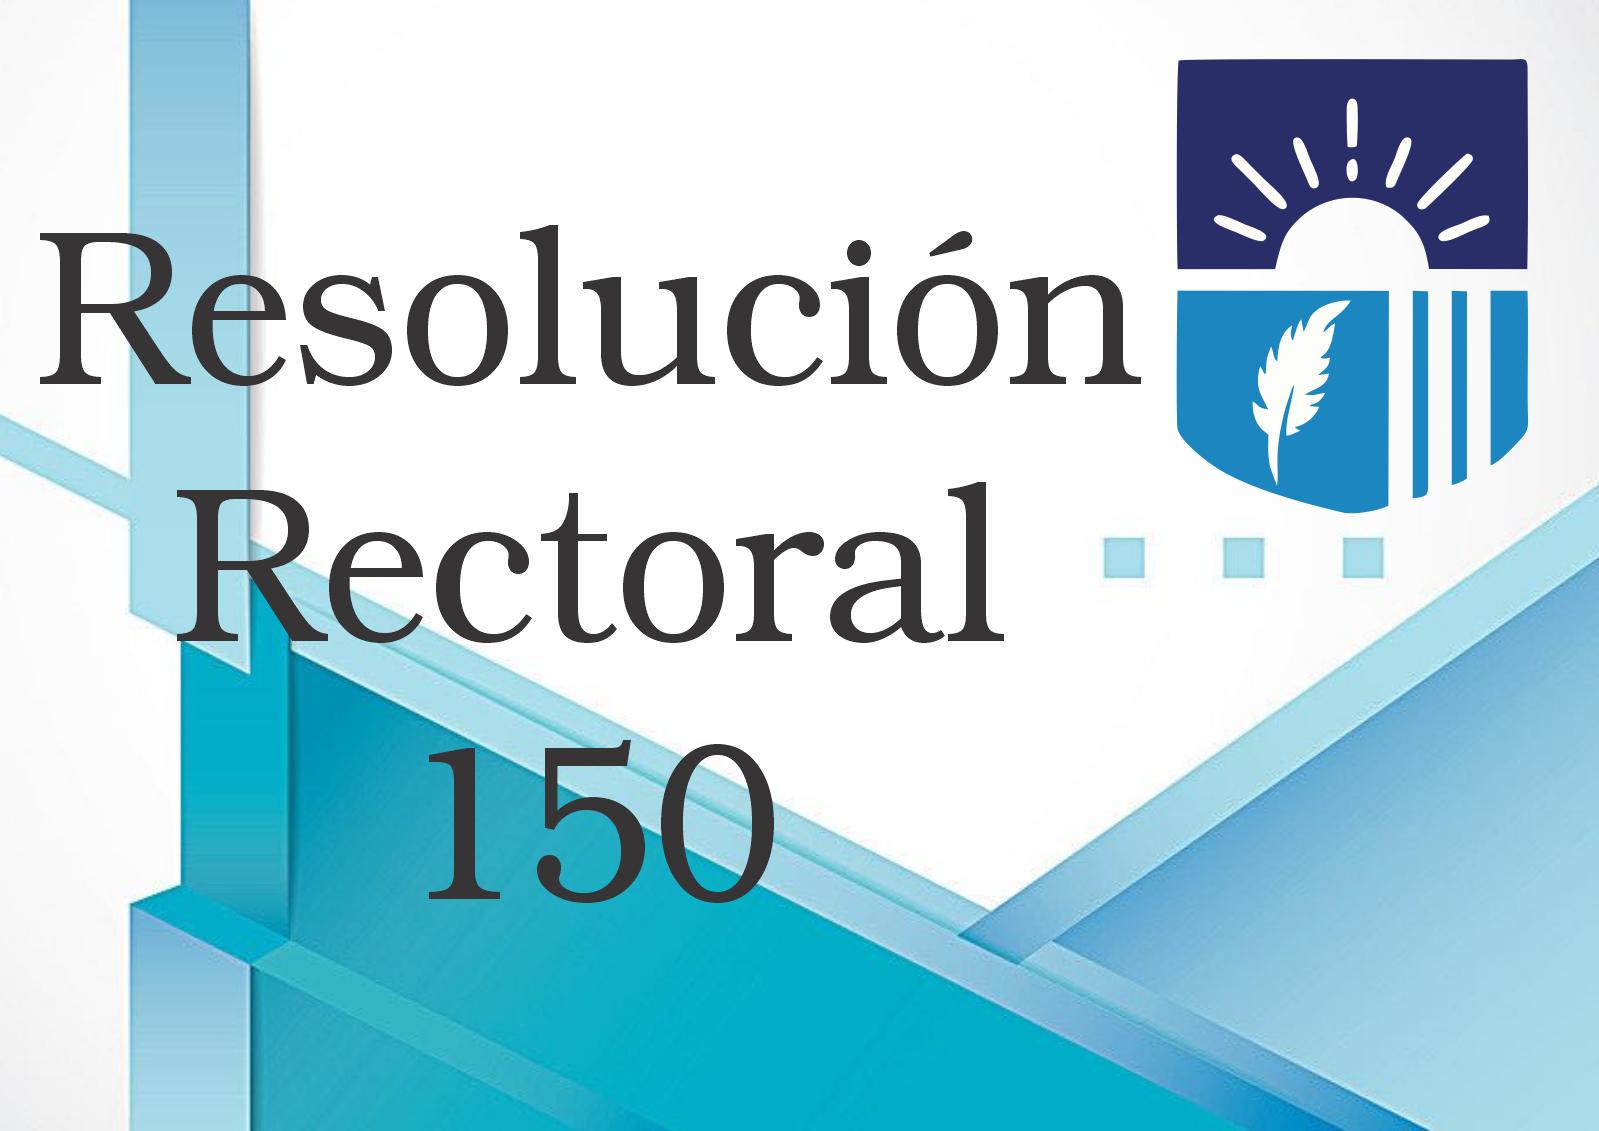 RESOLUCIÓN RECTORAL 150 DE 2020